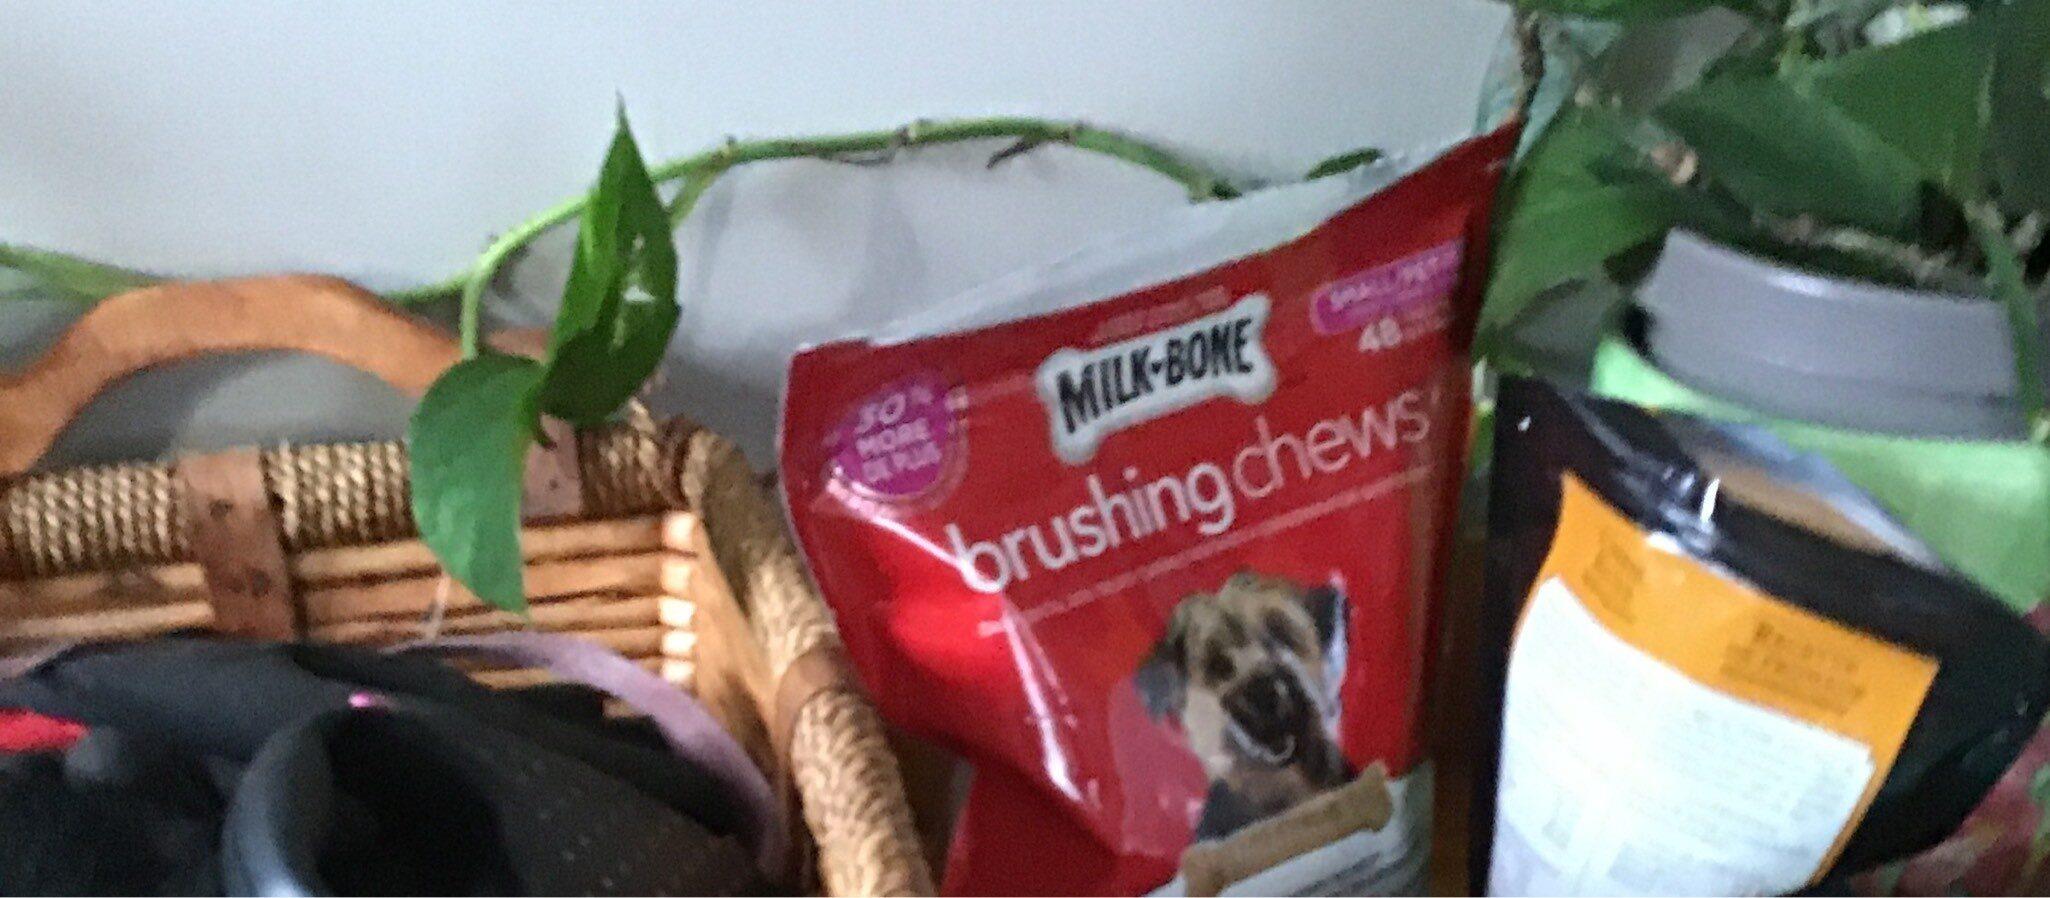 Bonbon chien - Nutrition facts - fr